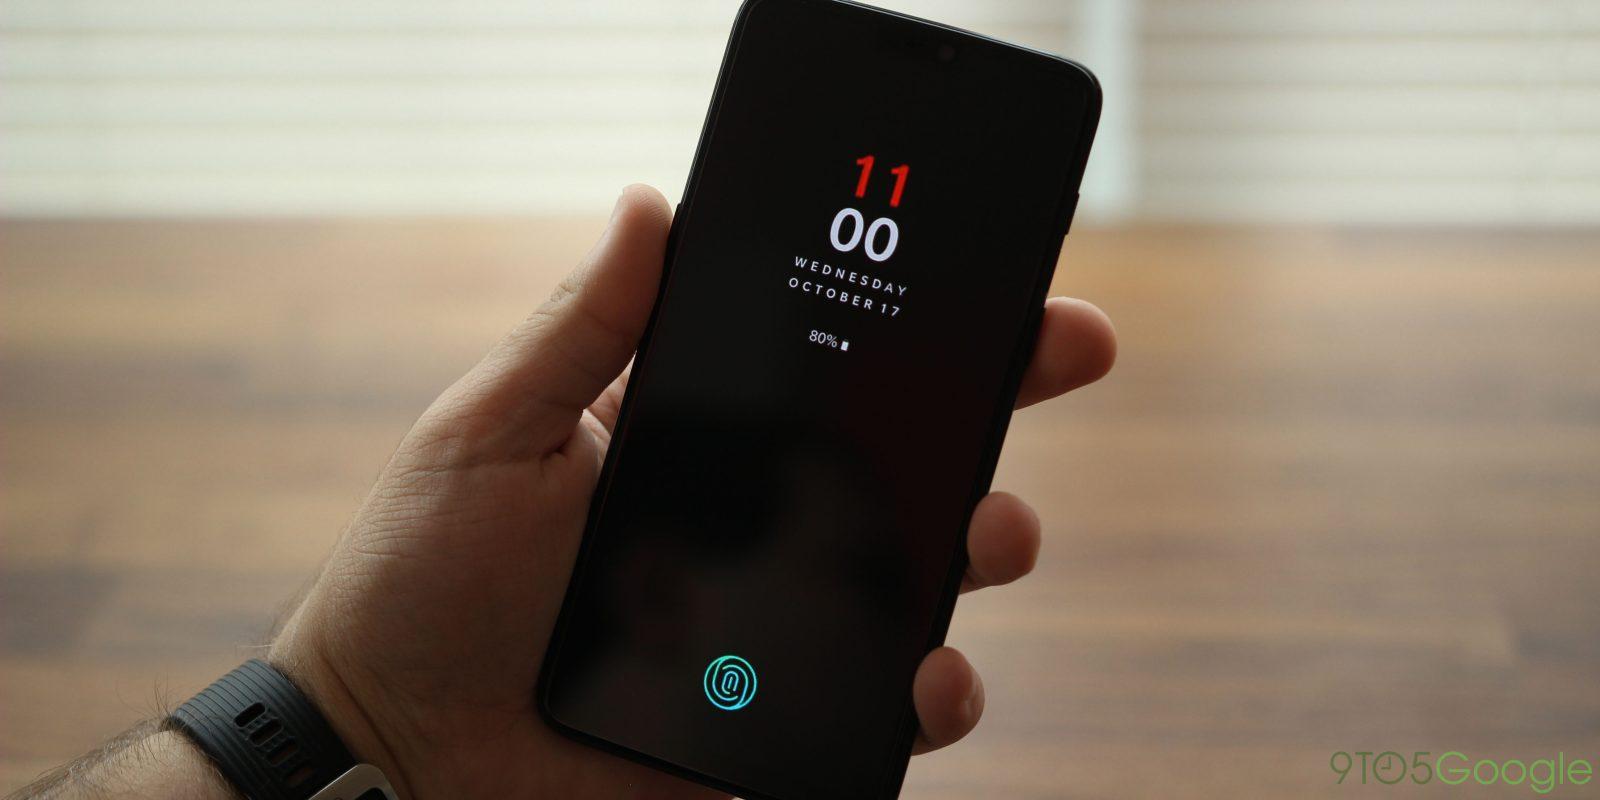 OnePlus 6T kaleratze data argia bihurtzen da